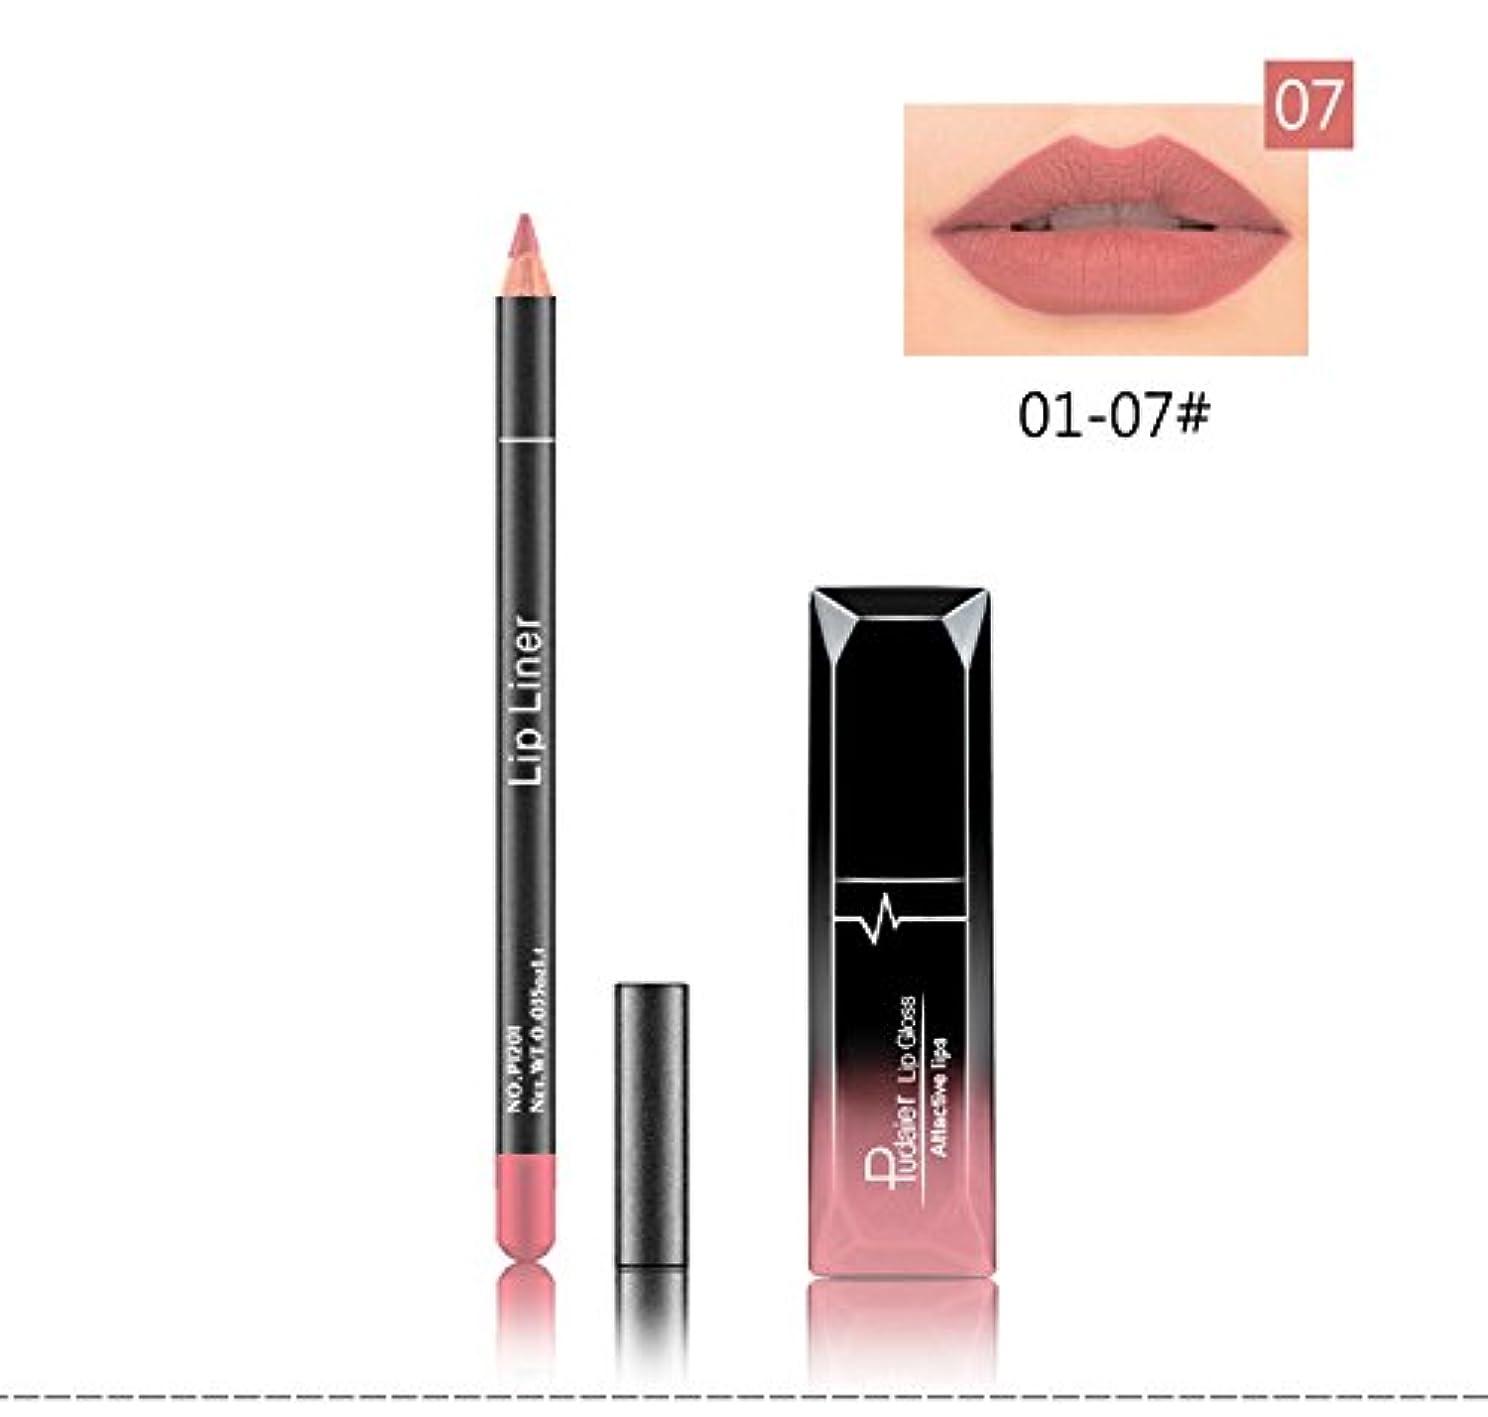 ユーモアくしゃみ踏みつけ(07) Pudaier 1pc Matte Liquid Lipstick Cosmetic Lip Kit+ 1 Pc Nude Lip Liner Pencil MakeUp Set Waterproof Long...